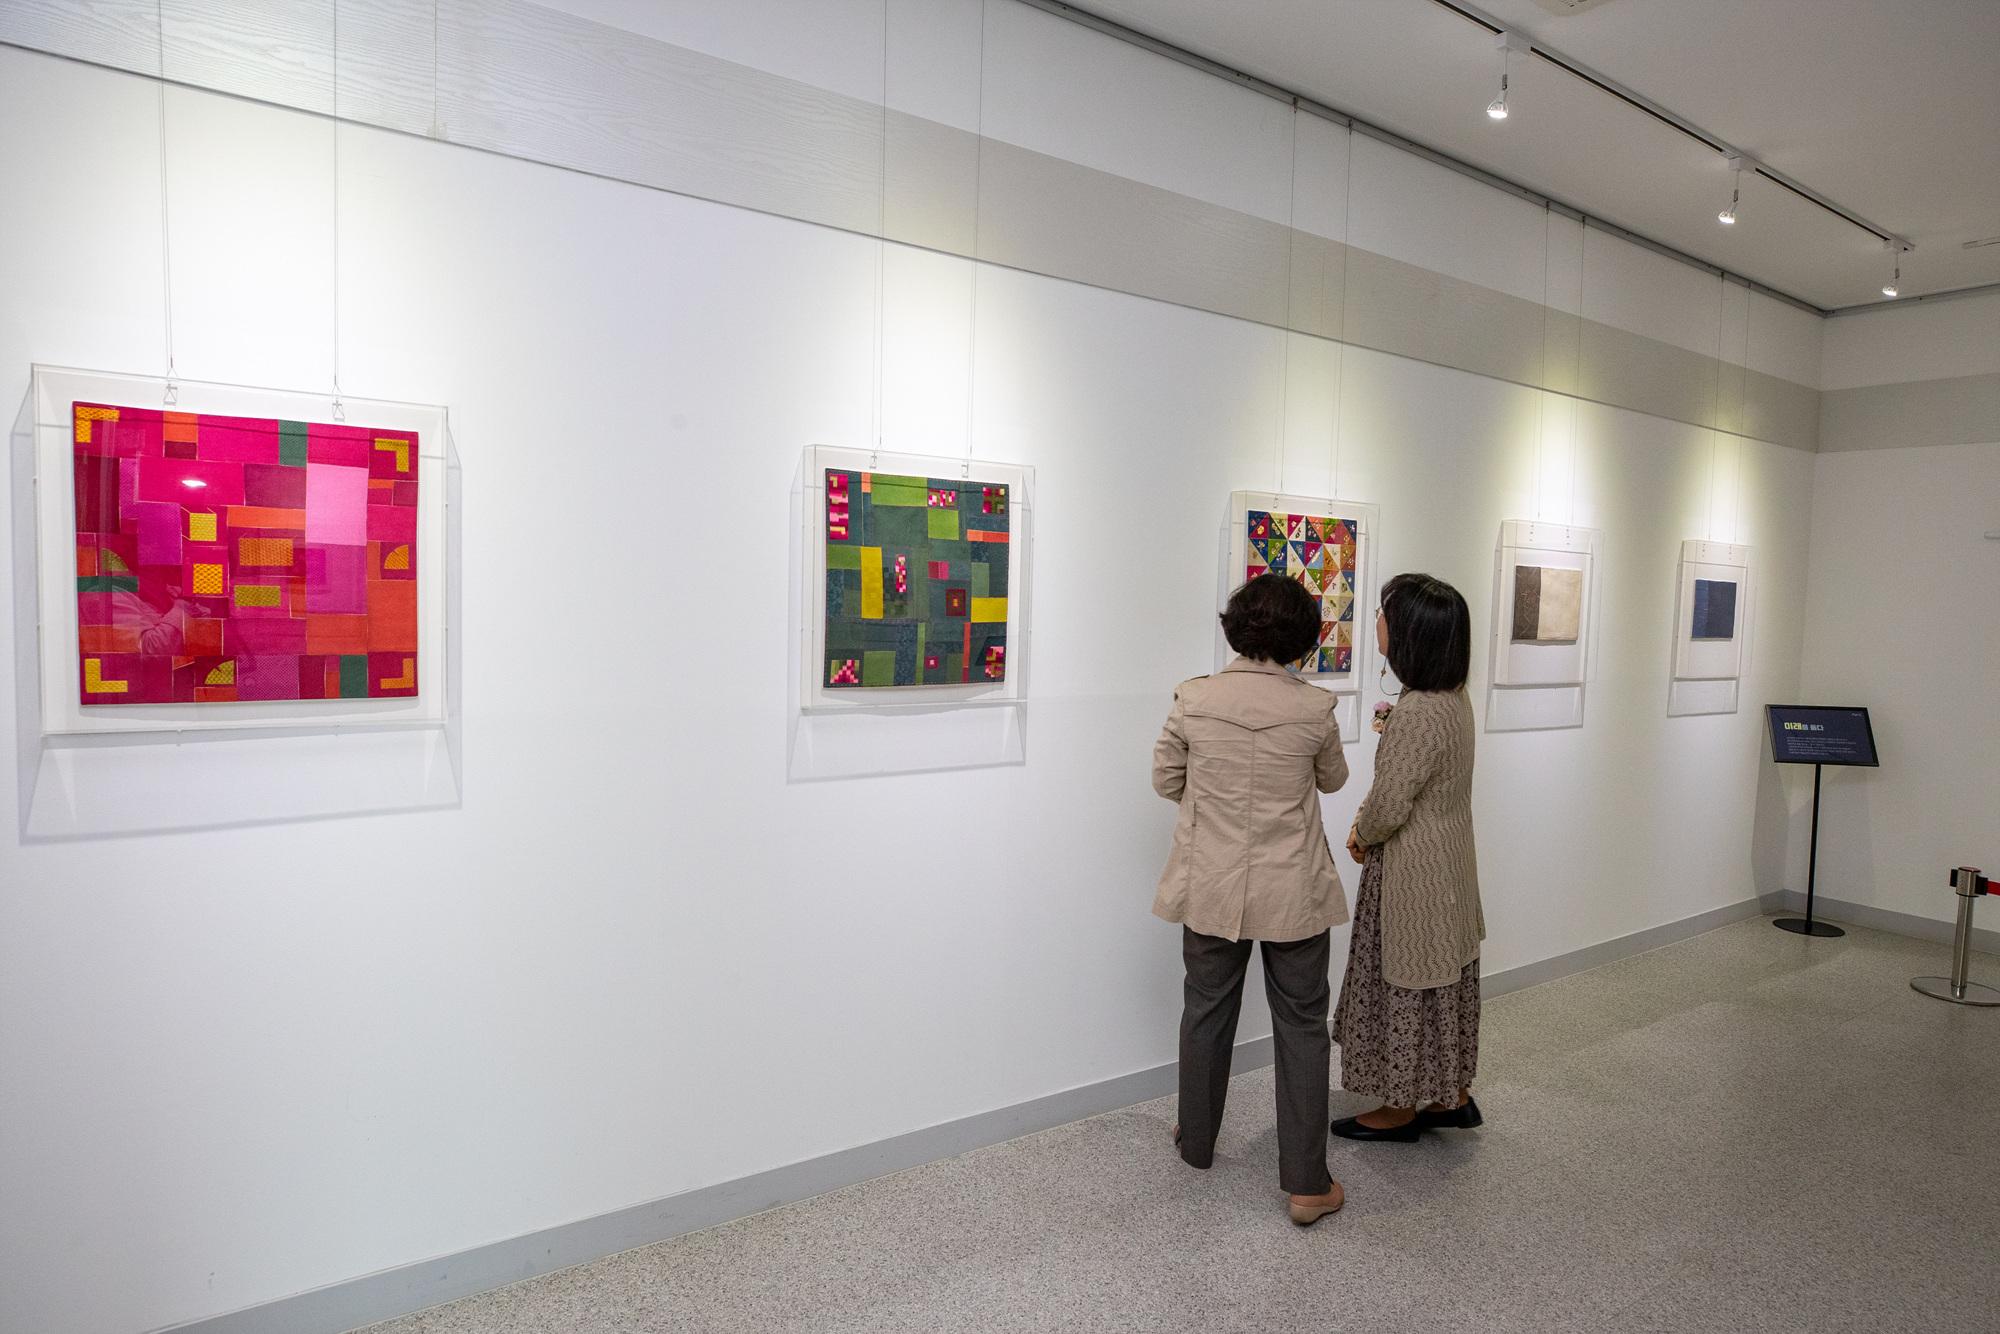 증평민속체험박물관, 가을을 수놓은 조각보전 개최 [이미지]